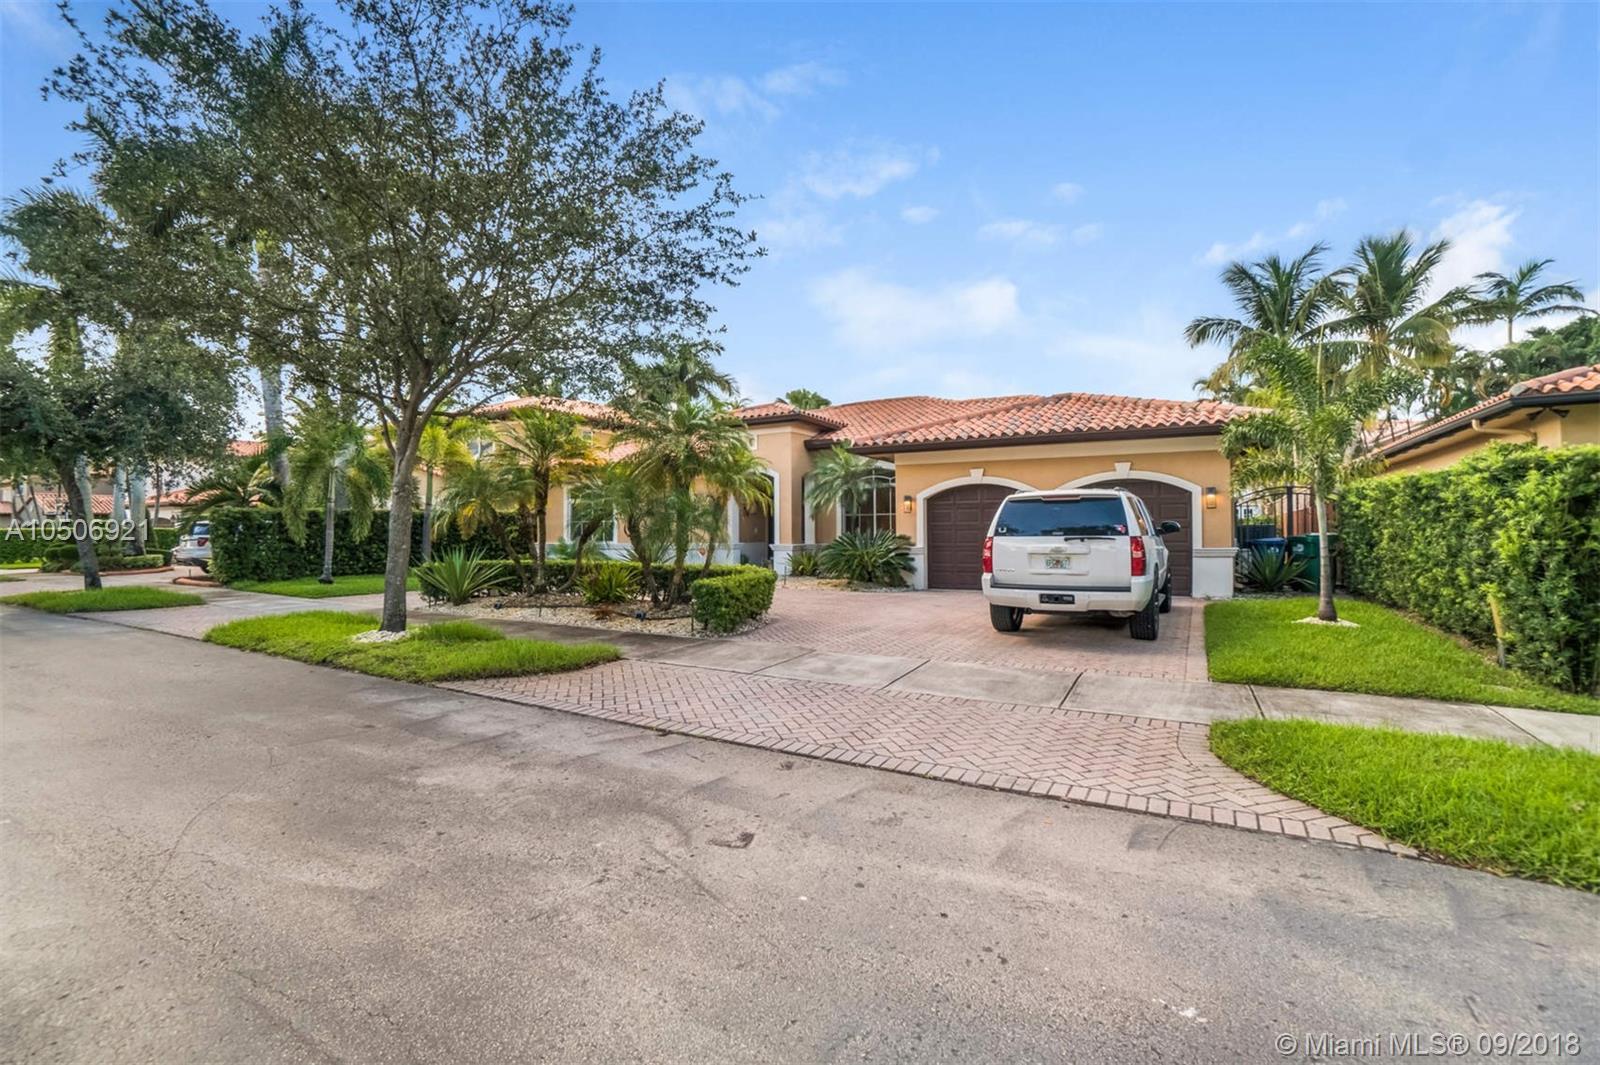 8033 Nw 161st Ter, Miami Lakes FL, 33016